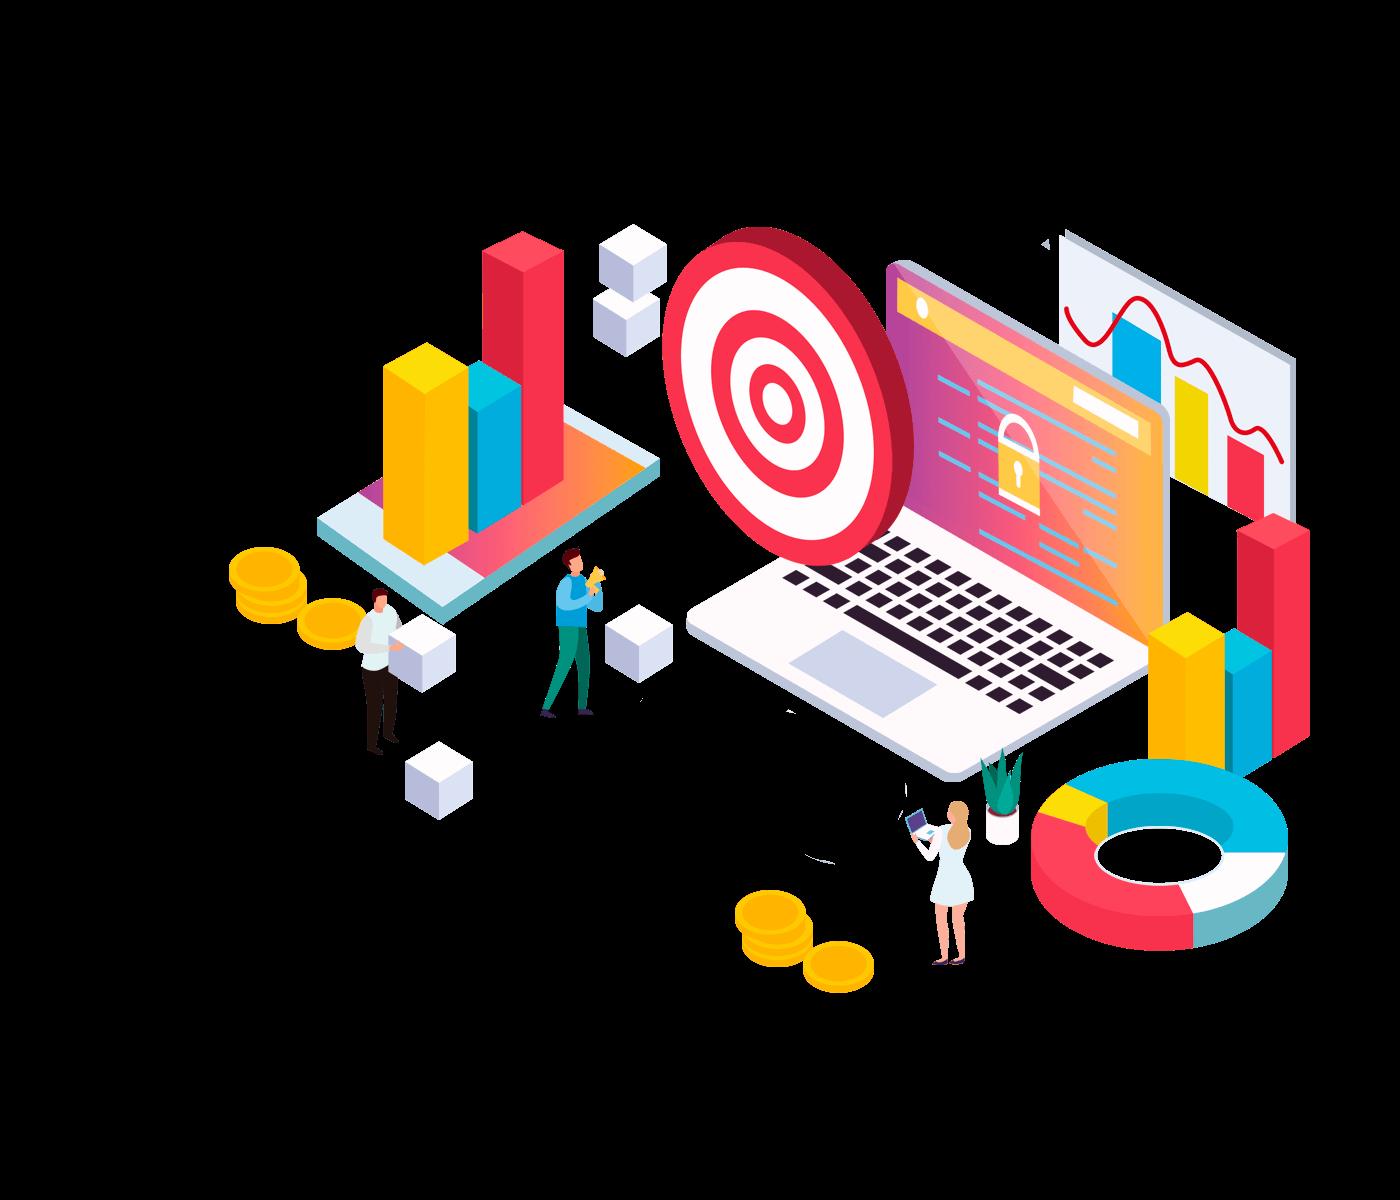 Что такое поведенческий фактор и влияет ли он на продвижение сайтов?